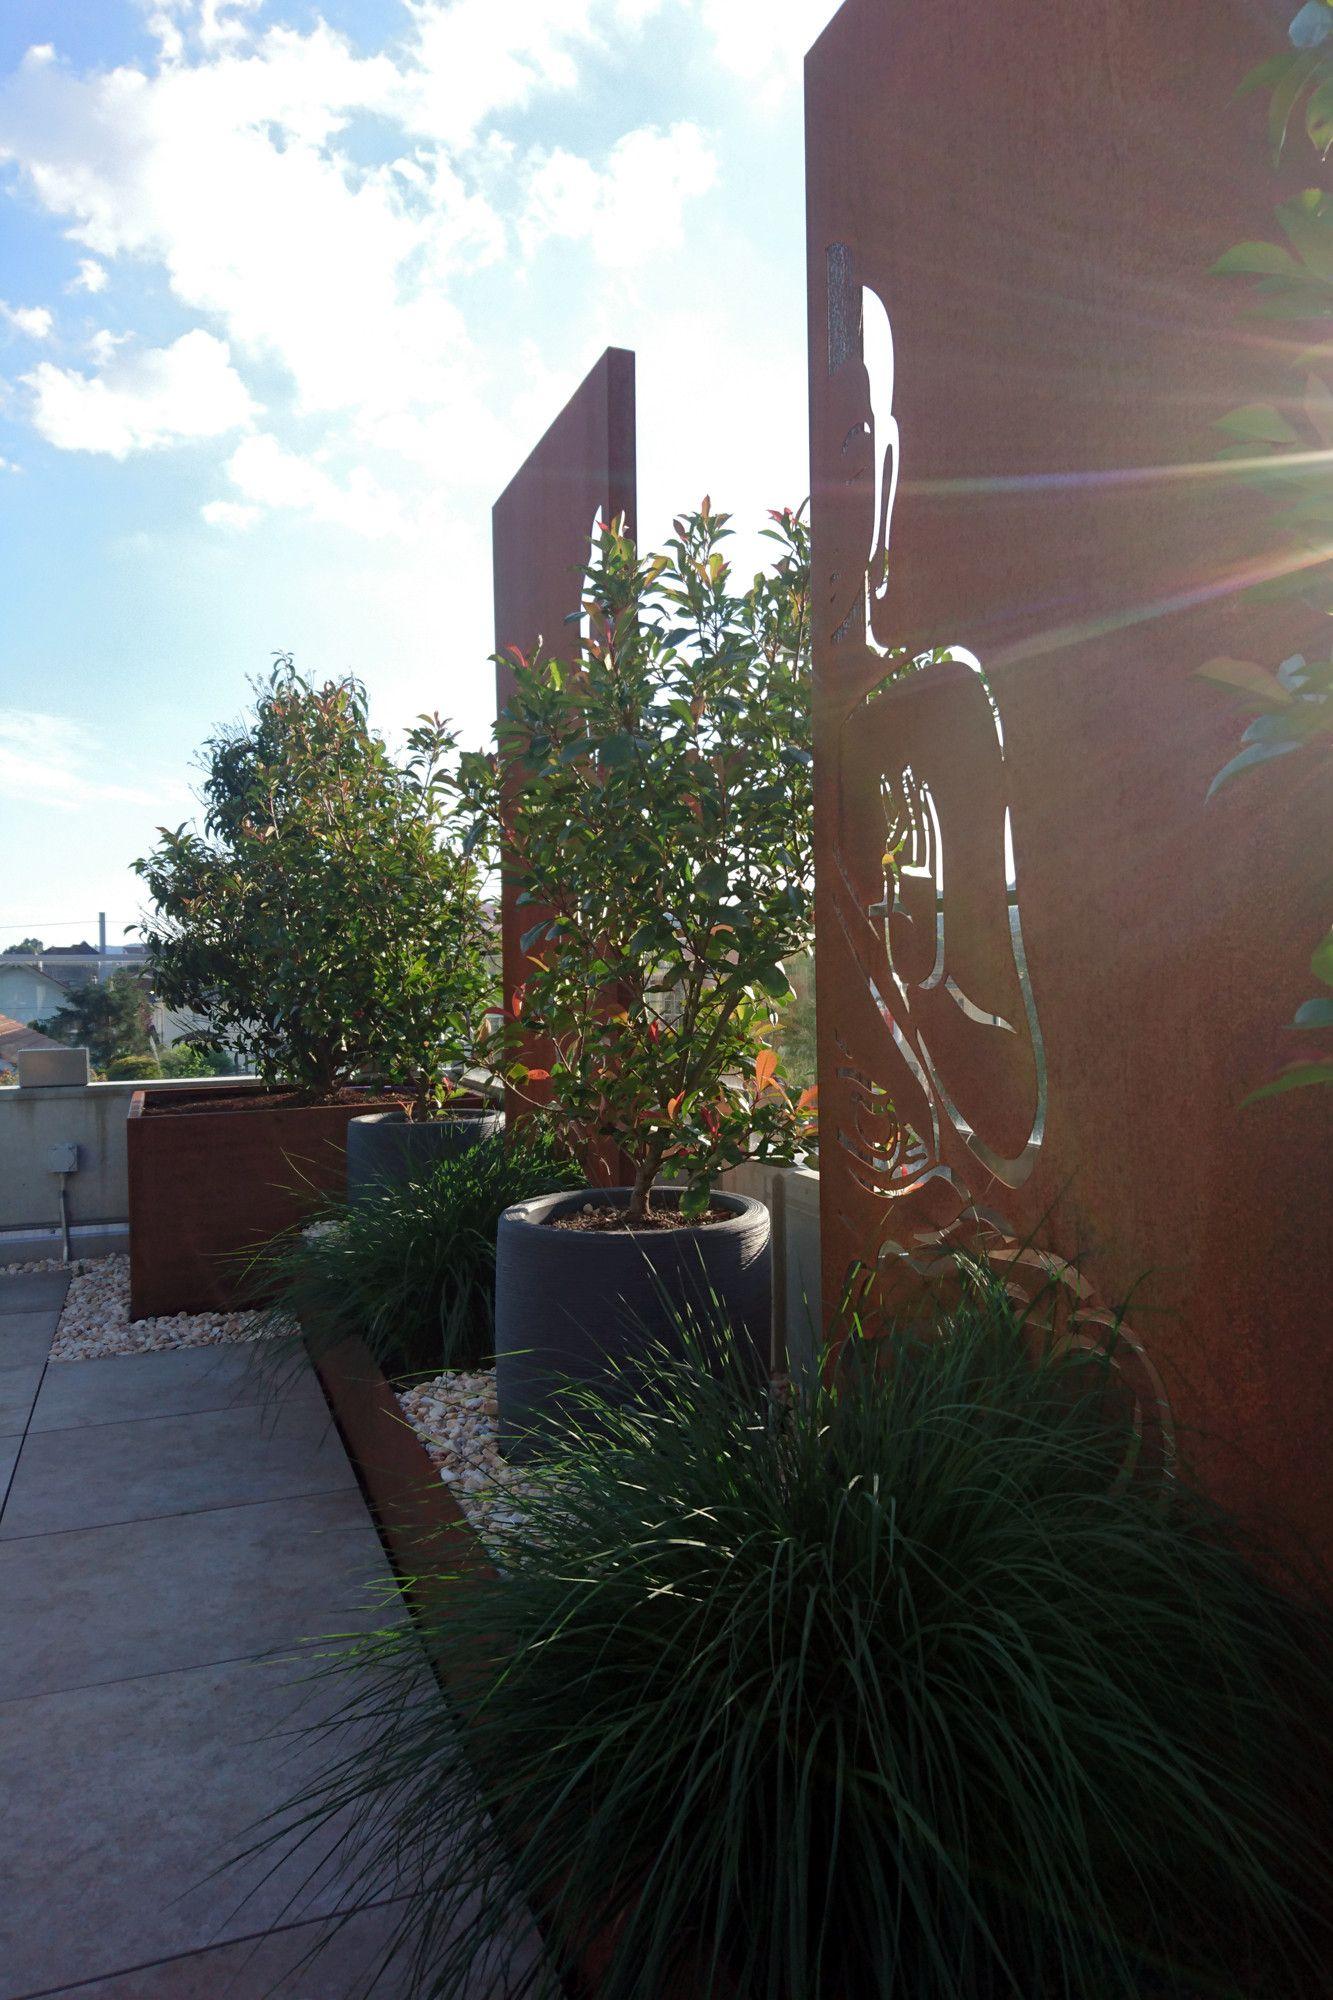 Pin Von Taaroagarten Auf Muro Sichtschutzwande Sichtschutzwande Garten Gartengestaltung